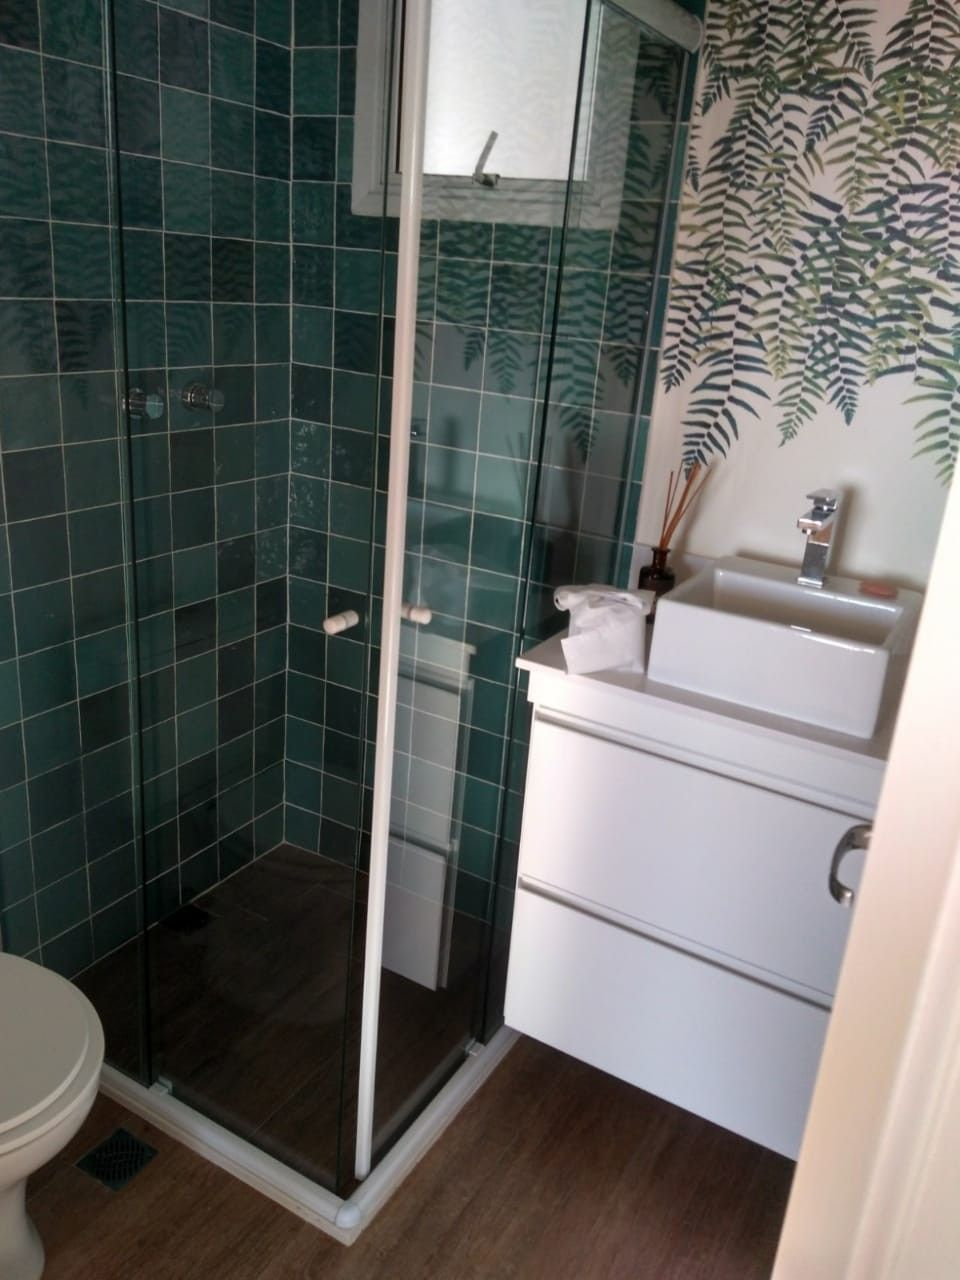 banheiro do sobrado